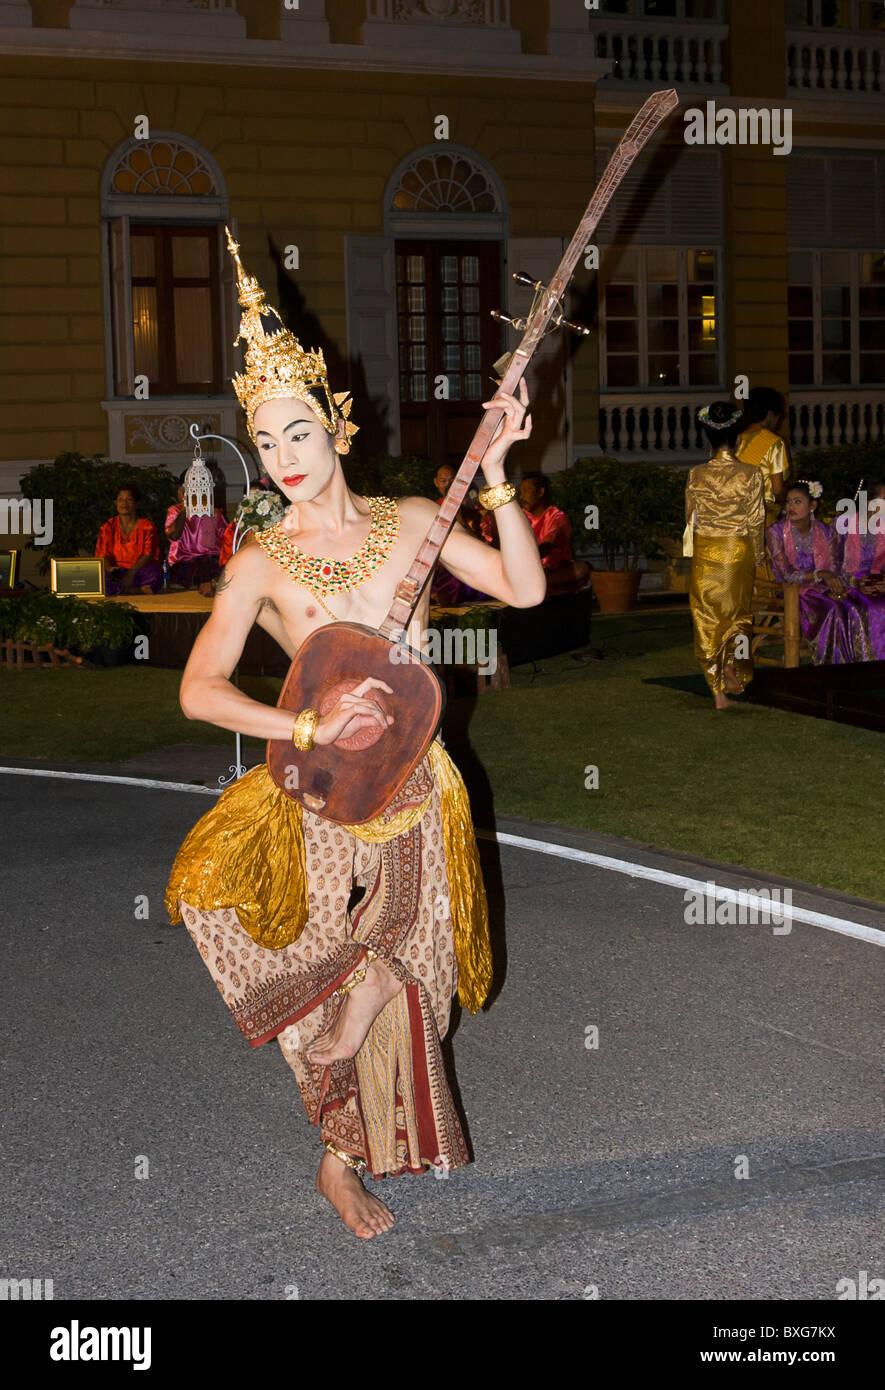 Young Thai hombre en traje tradicional en el Jubileo de Oro de la Autoridad de Turismo de Tailandia gran recepción; Imagen De Stock